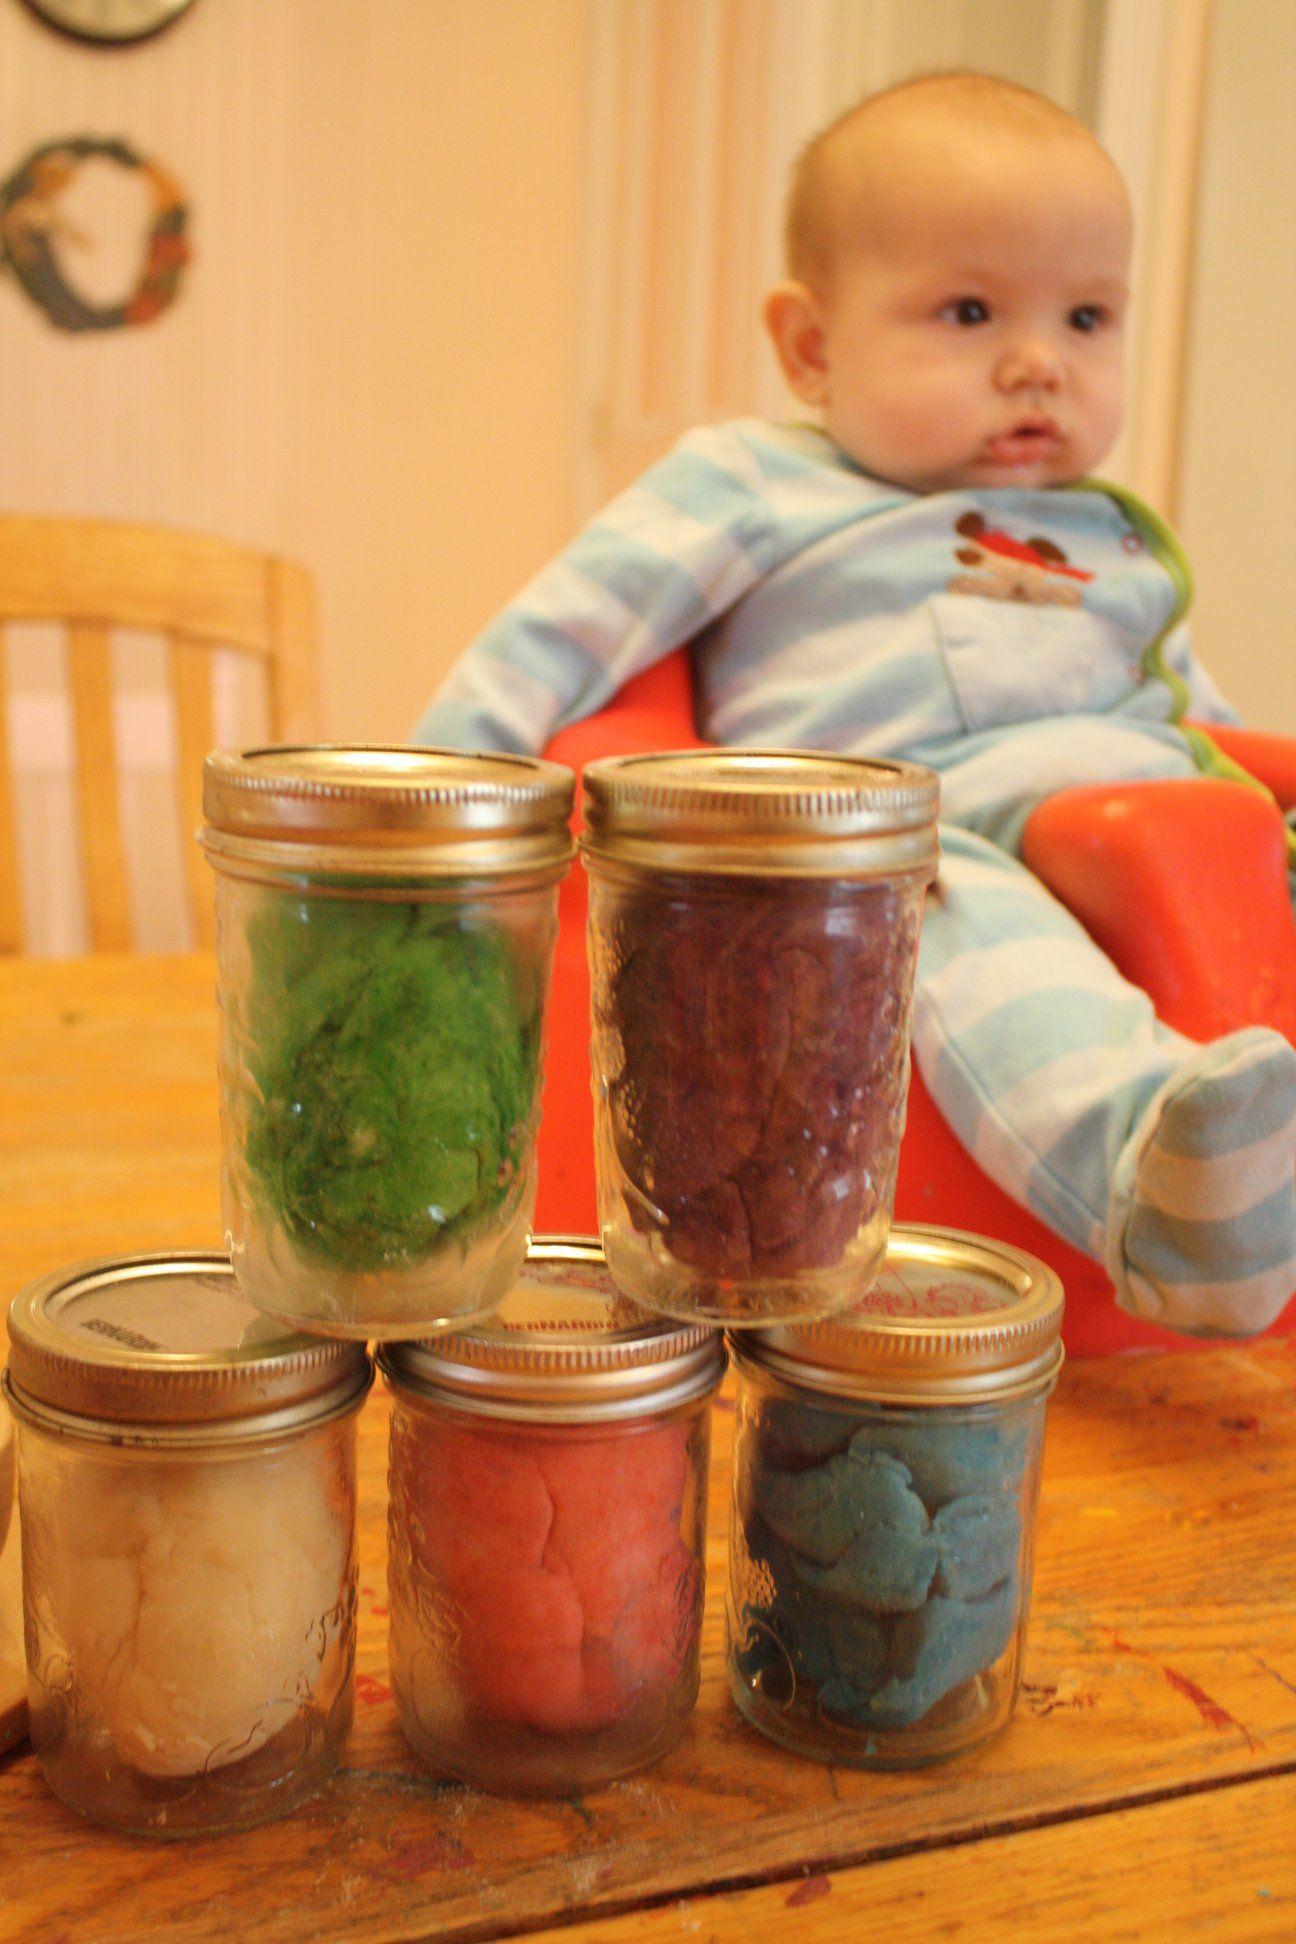 Playdough Recipe 2 cups allpurpose flour 1 cup of salt 3